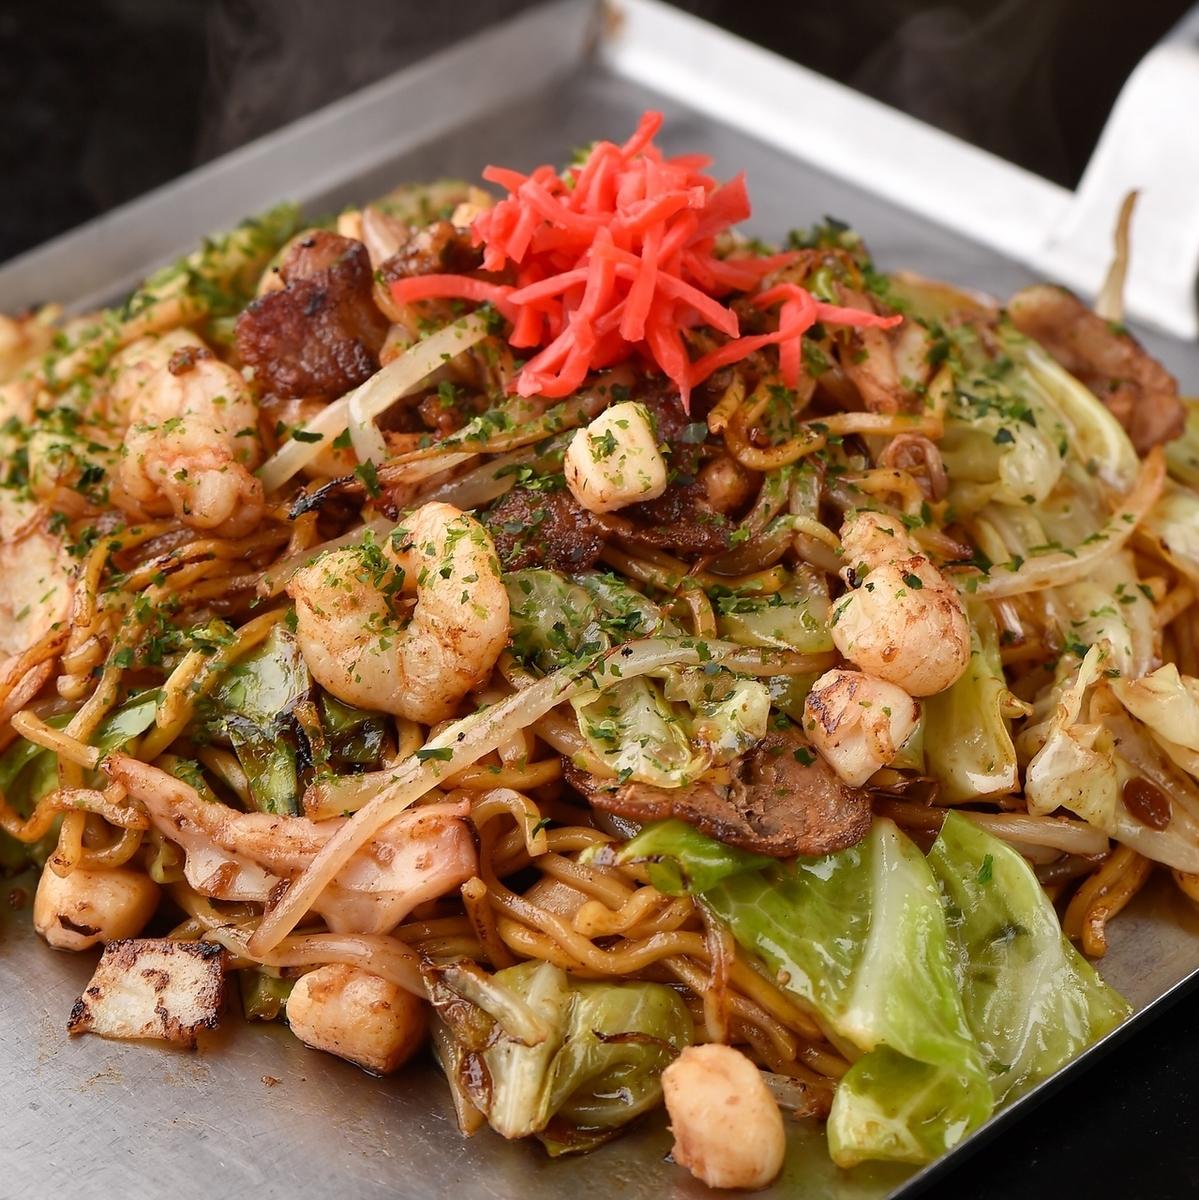 Premium fried noodles